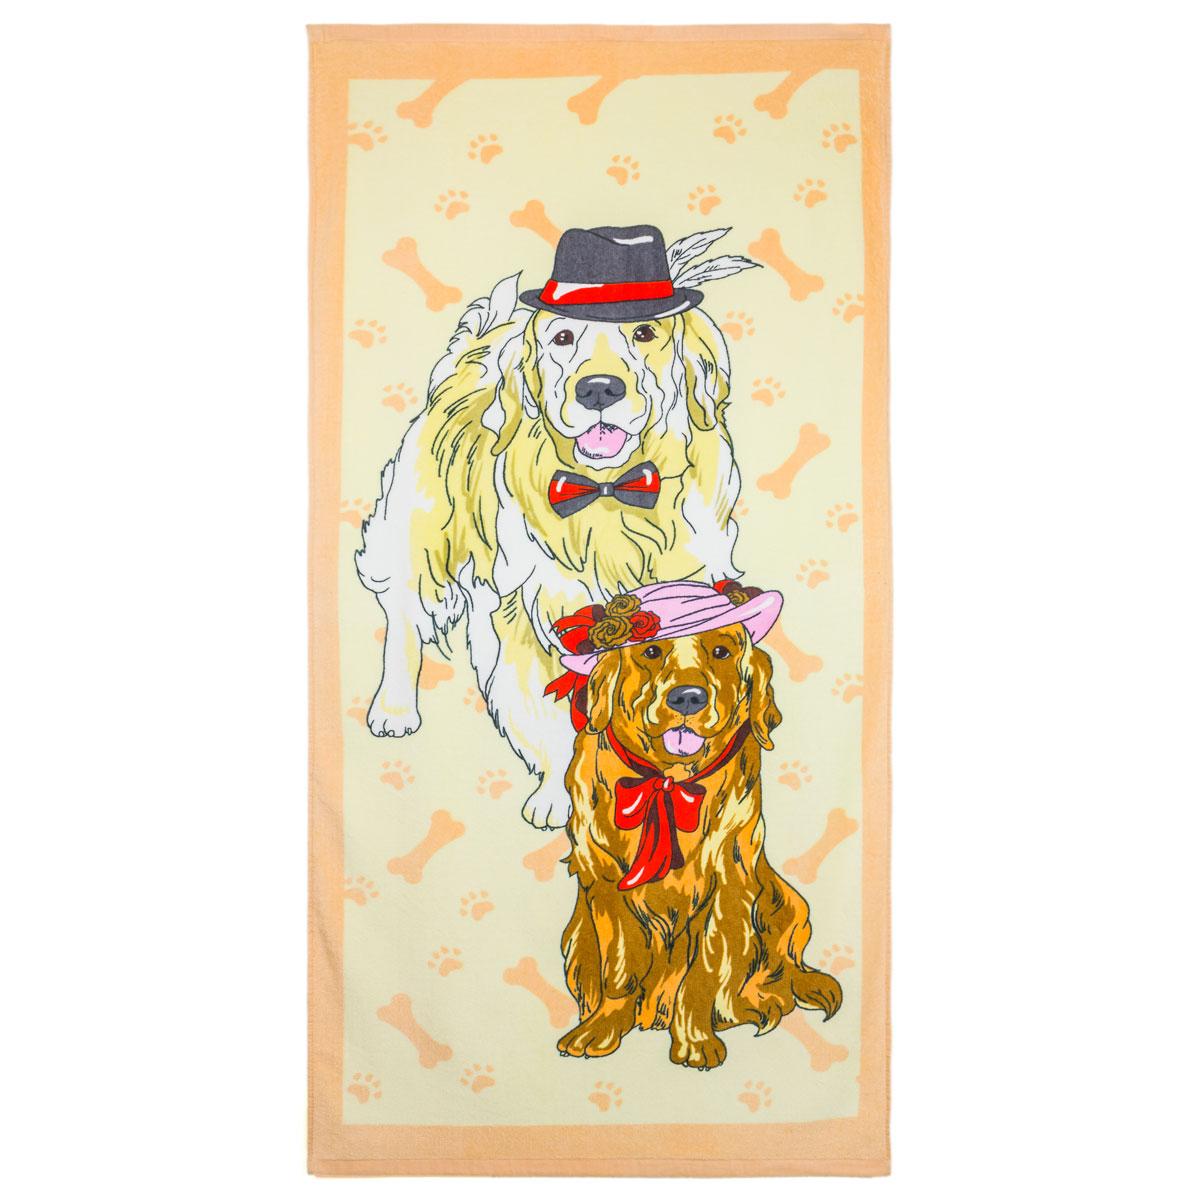 Полотенце  С собаками  Голубой р. 65х135 - Текстиль для дома артикул: 29881